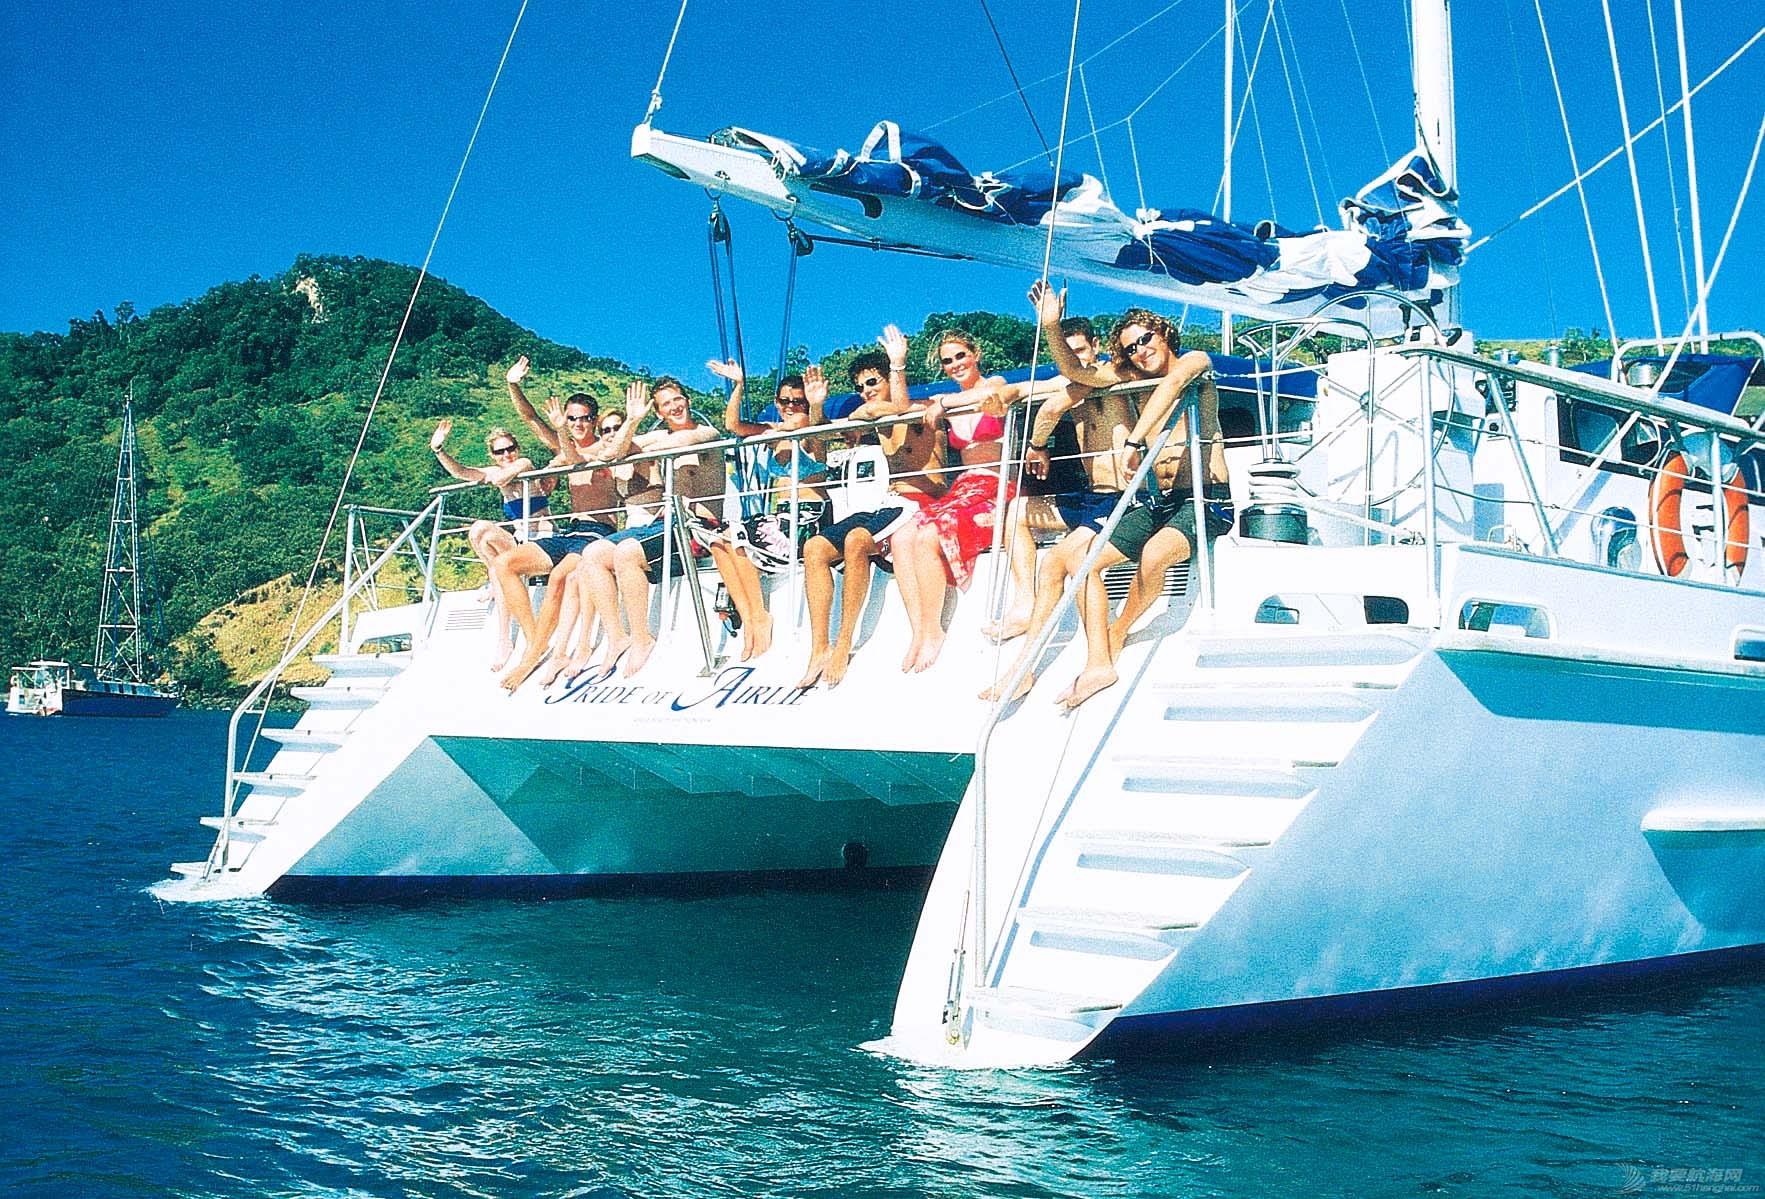 8个选择帆船度假的完美理由 b125f107790a9686a0342ab4d0273bb1.jpg